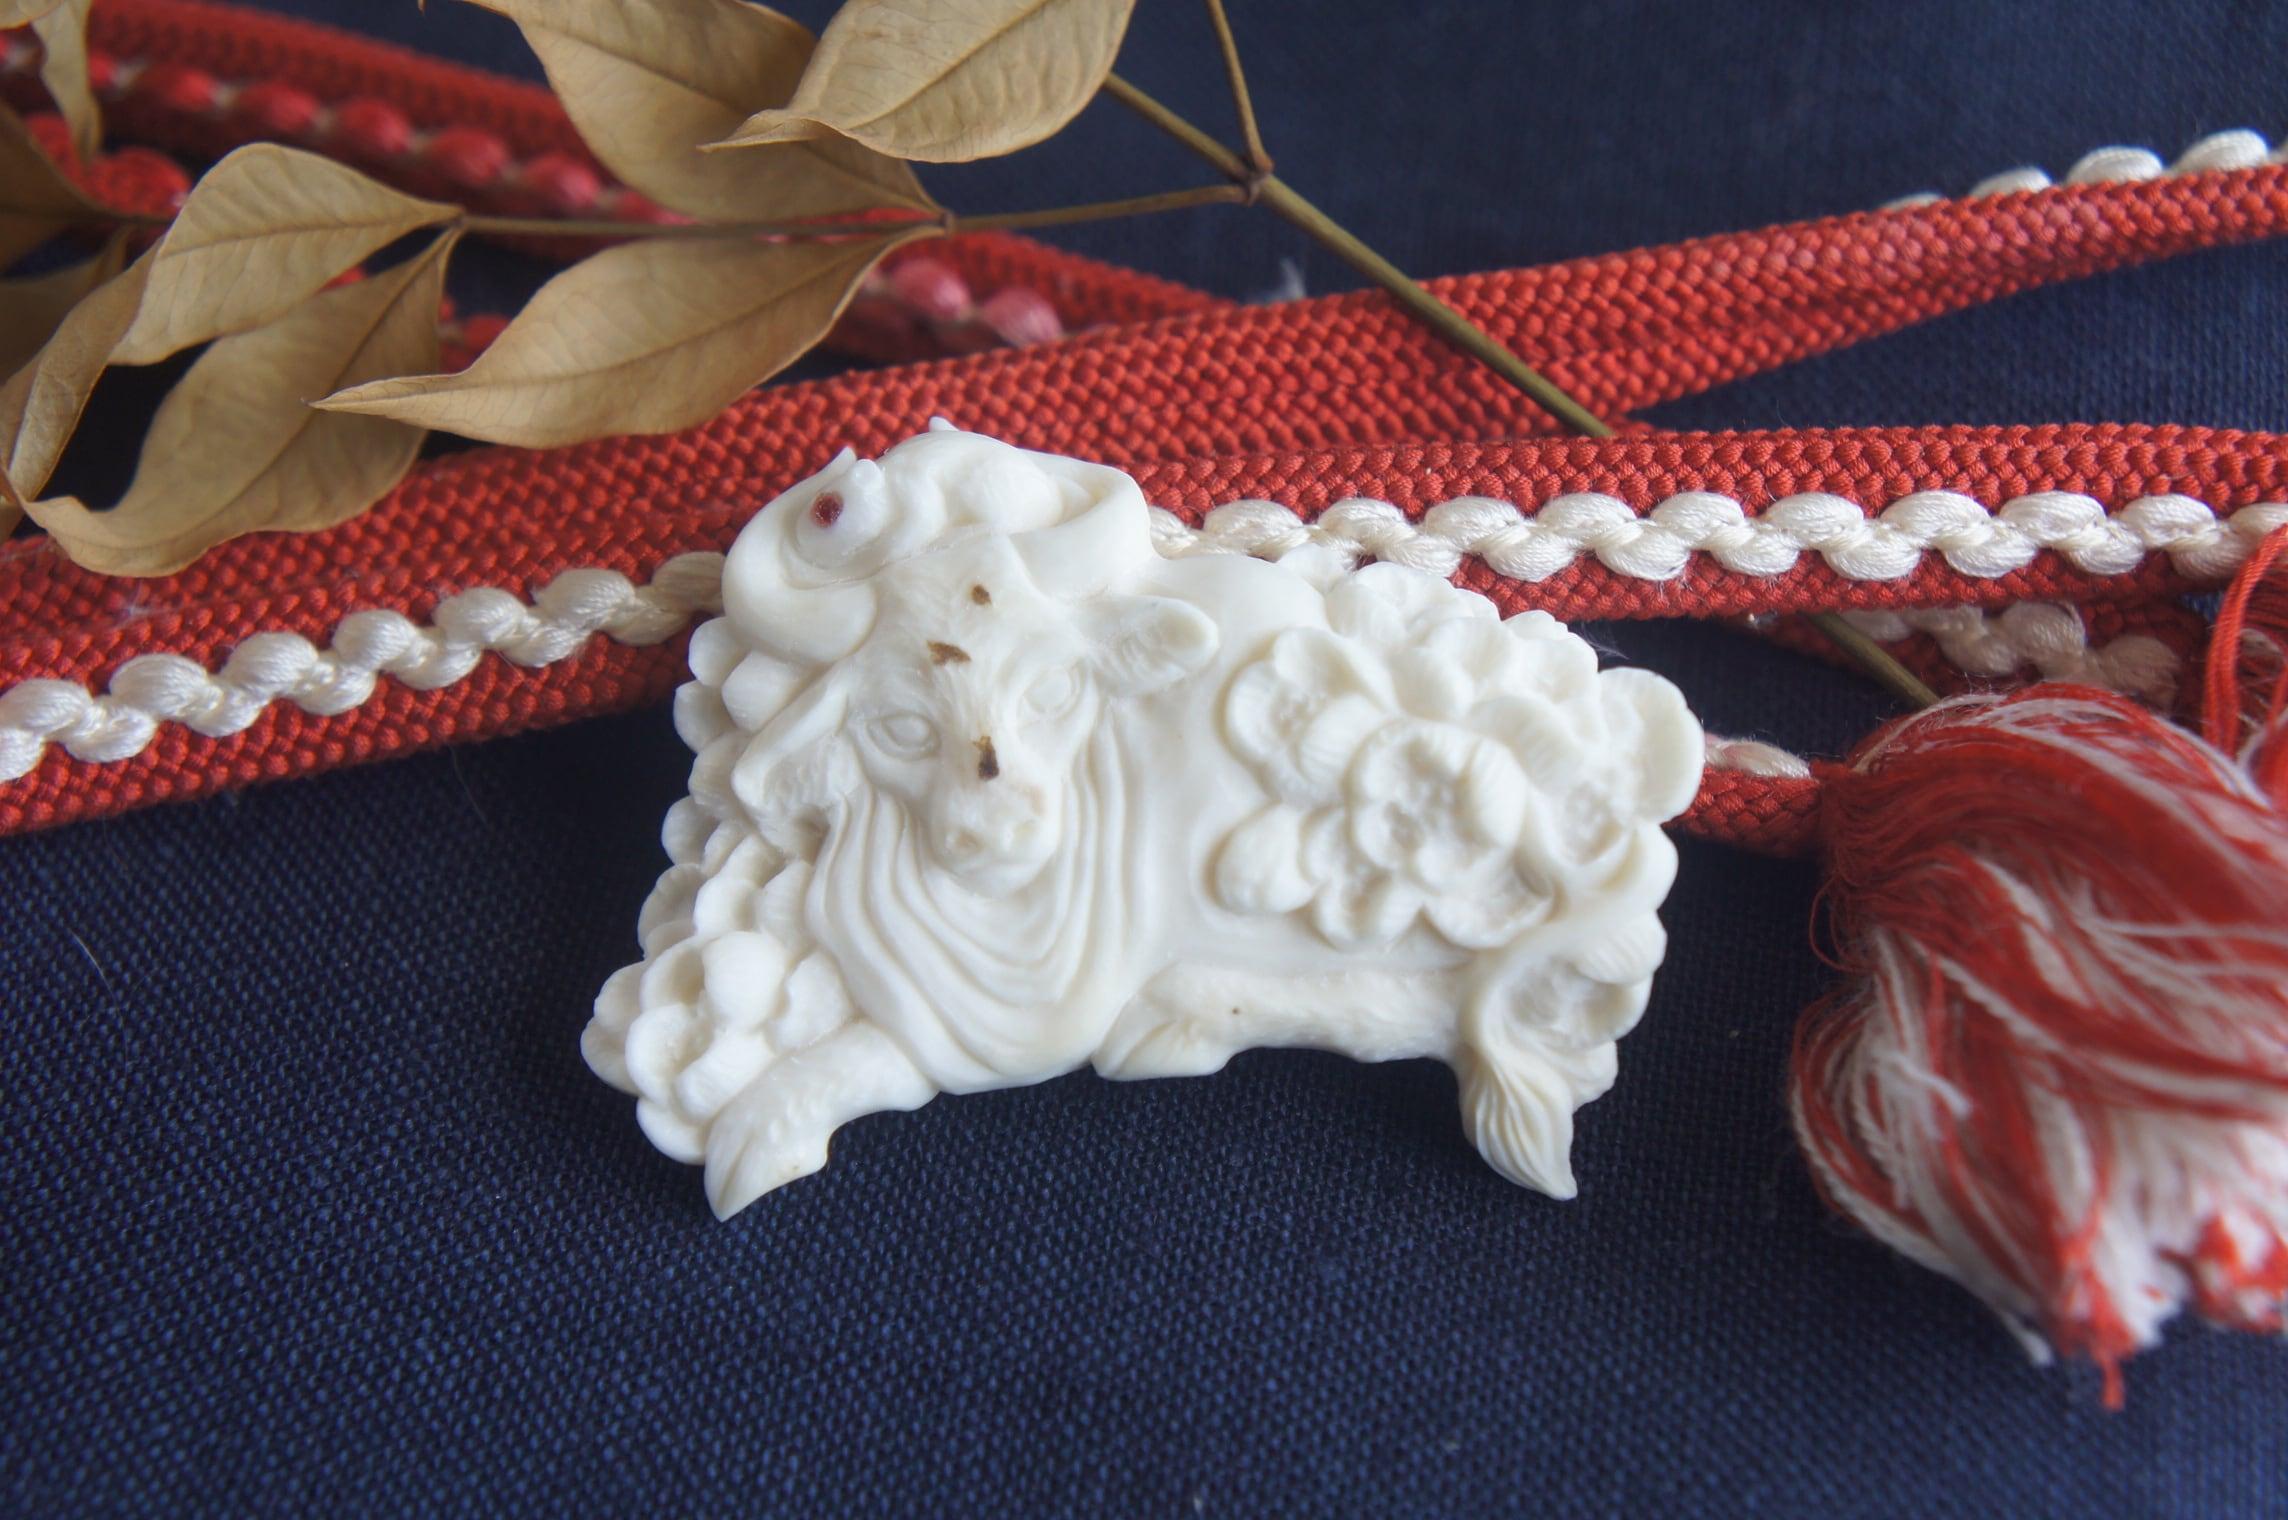 梅の花と生き物の帯留め「梅歴」牛と鼠【A】